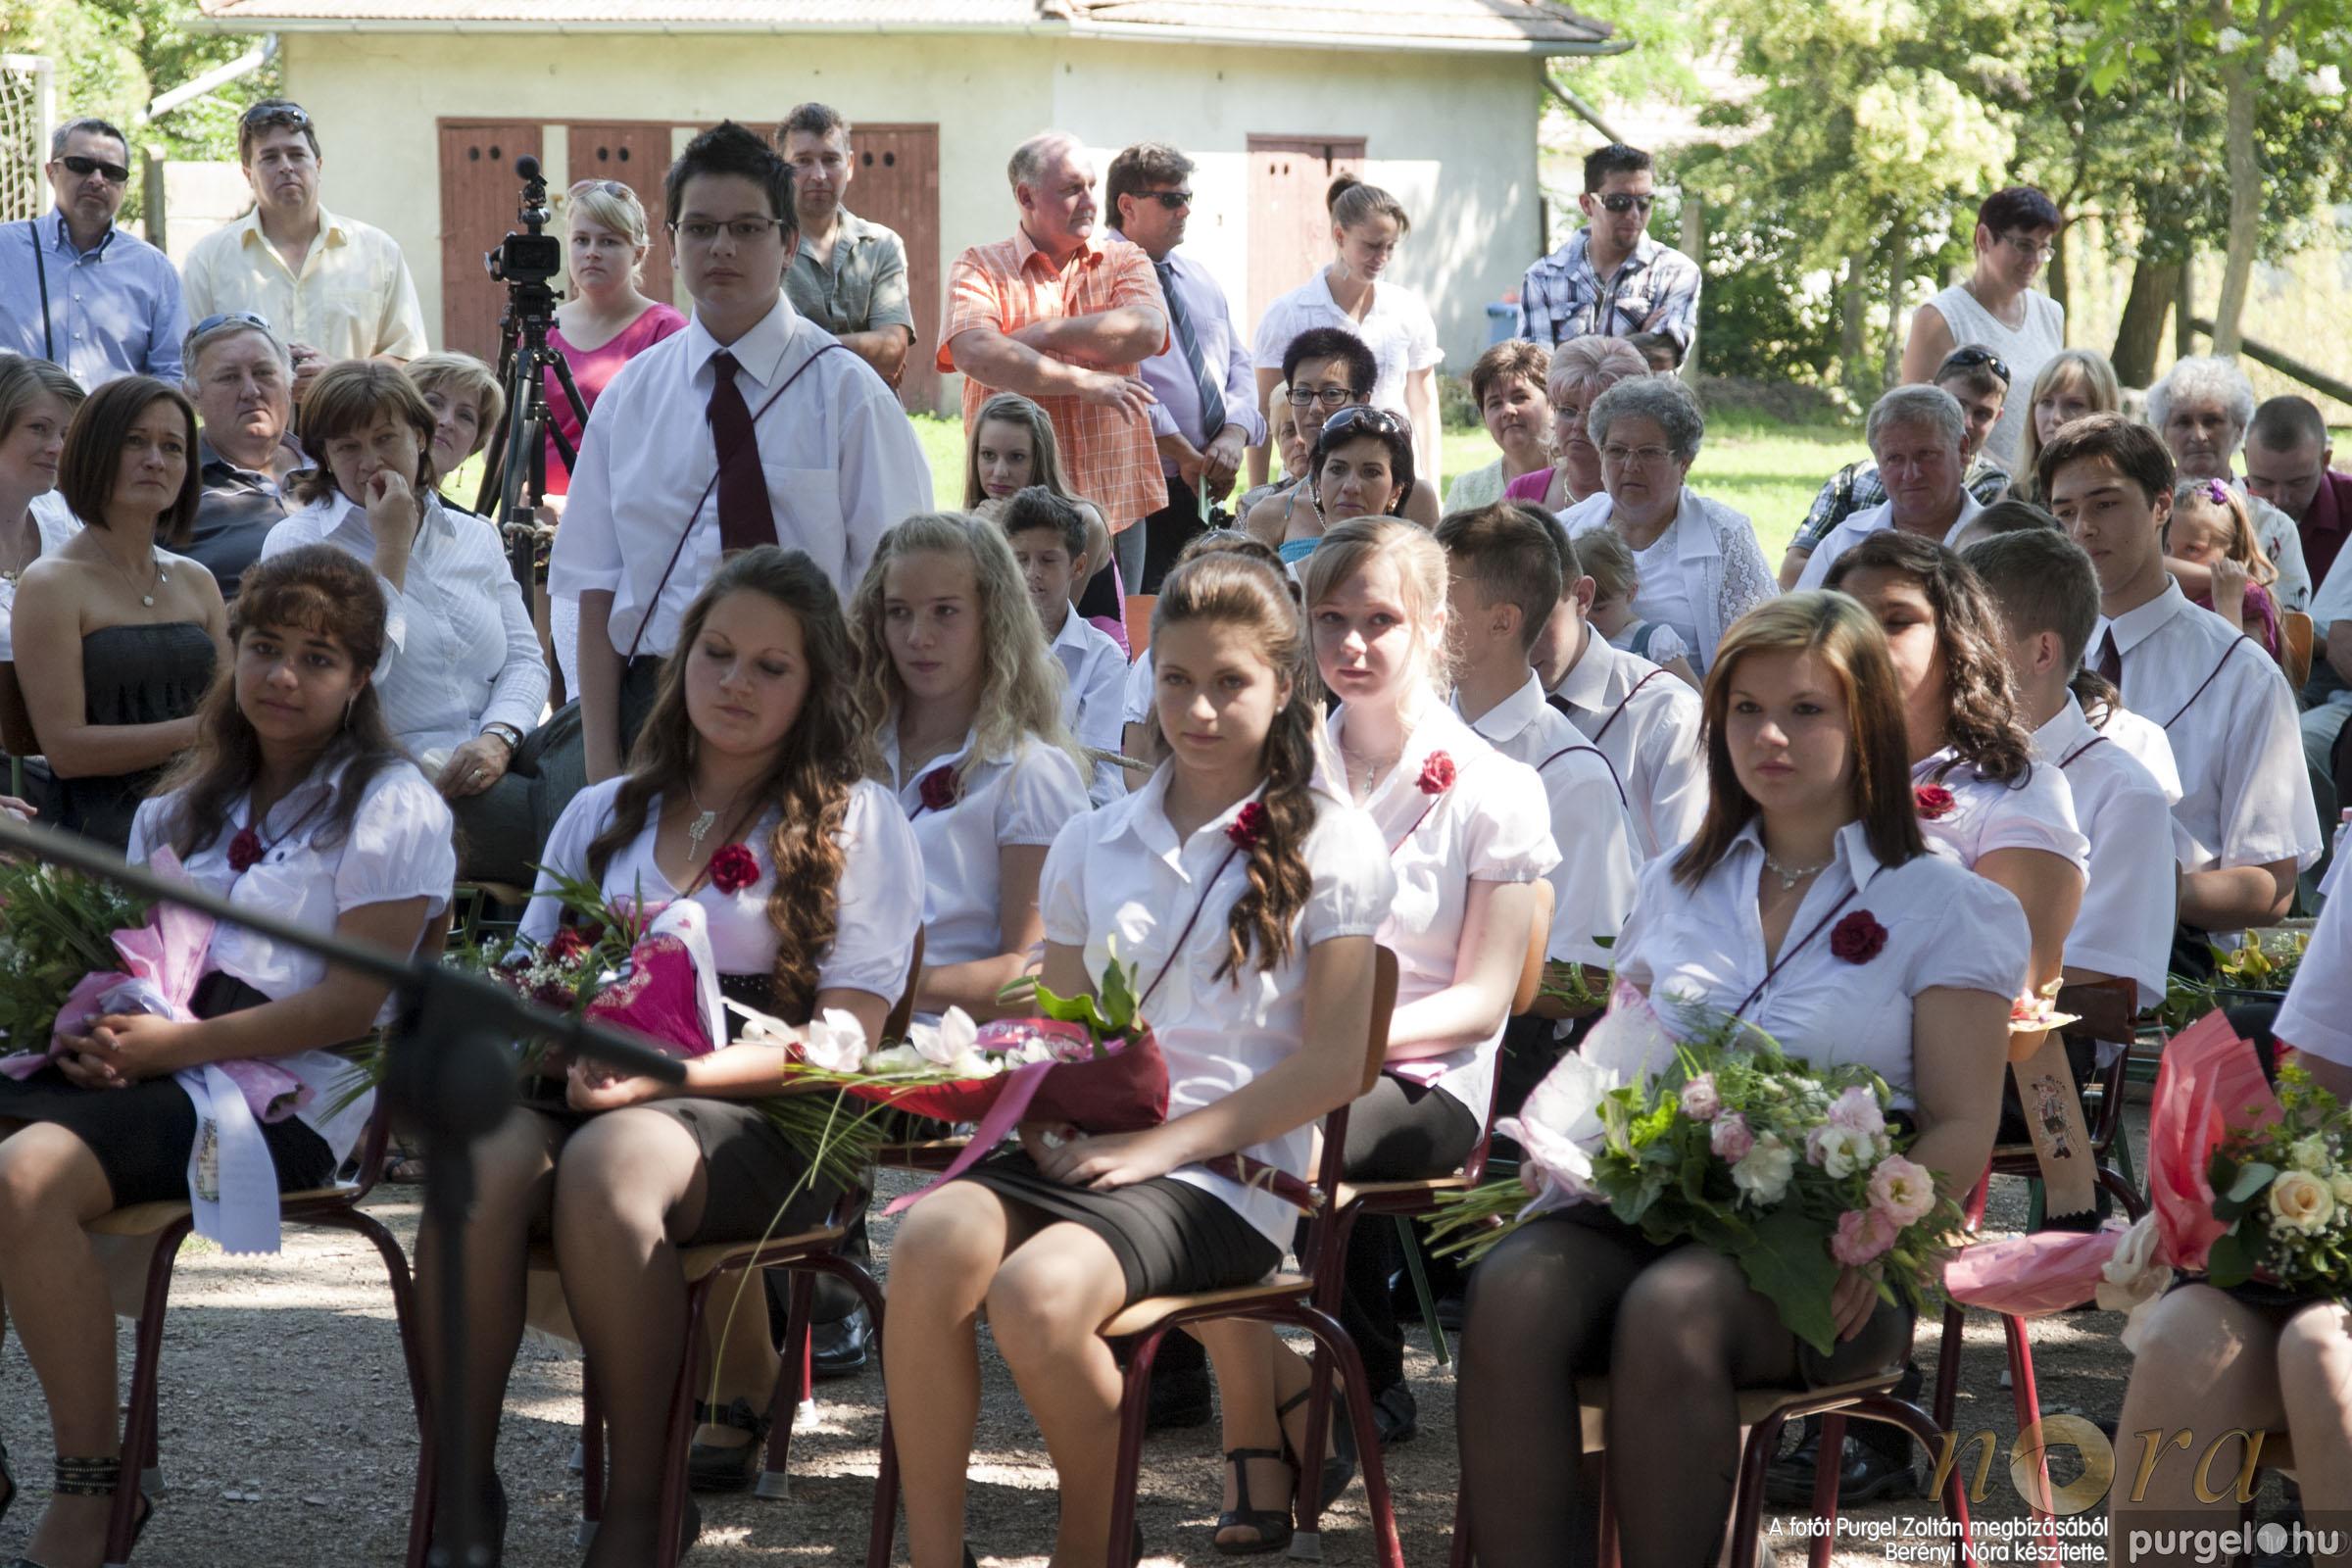 2013.06.15. 261 Forray Máté Általános Iskola ballagás 2013. - Fotó:BERÉNYI NÓRA© _MG_1339.JPG